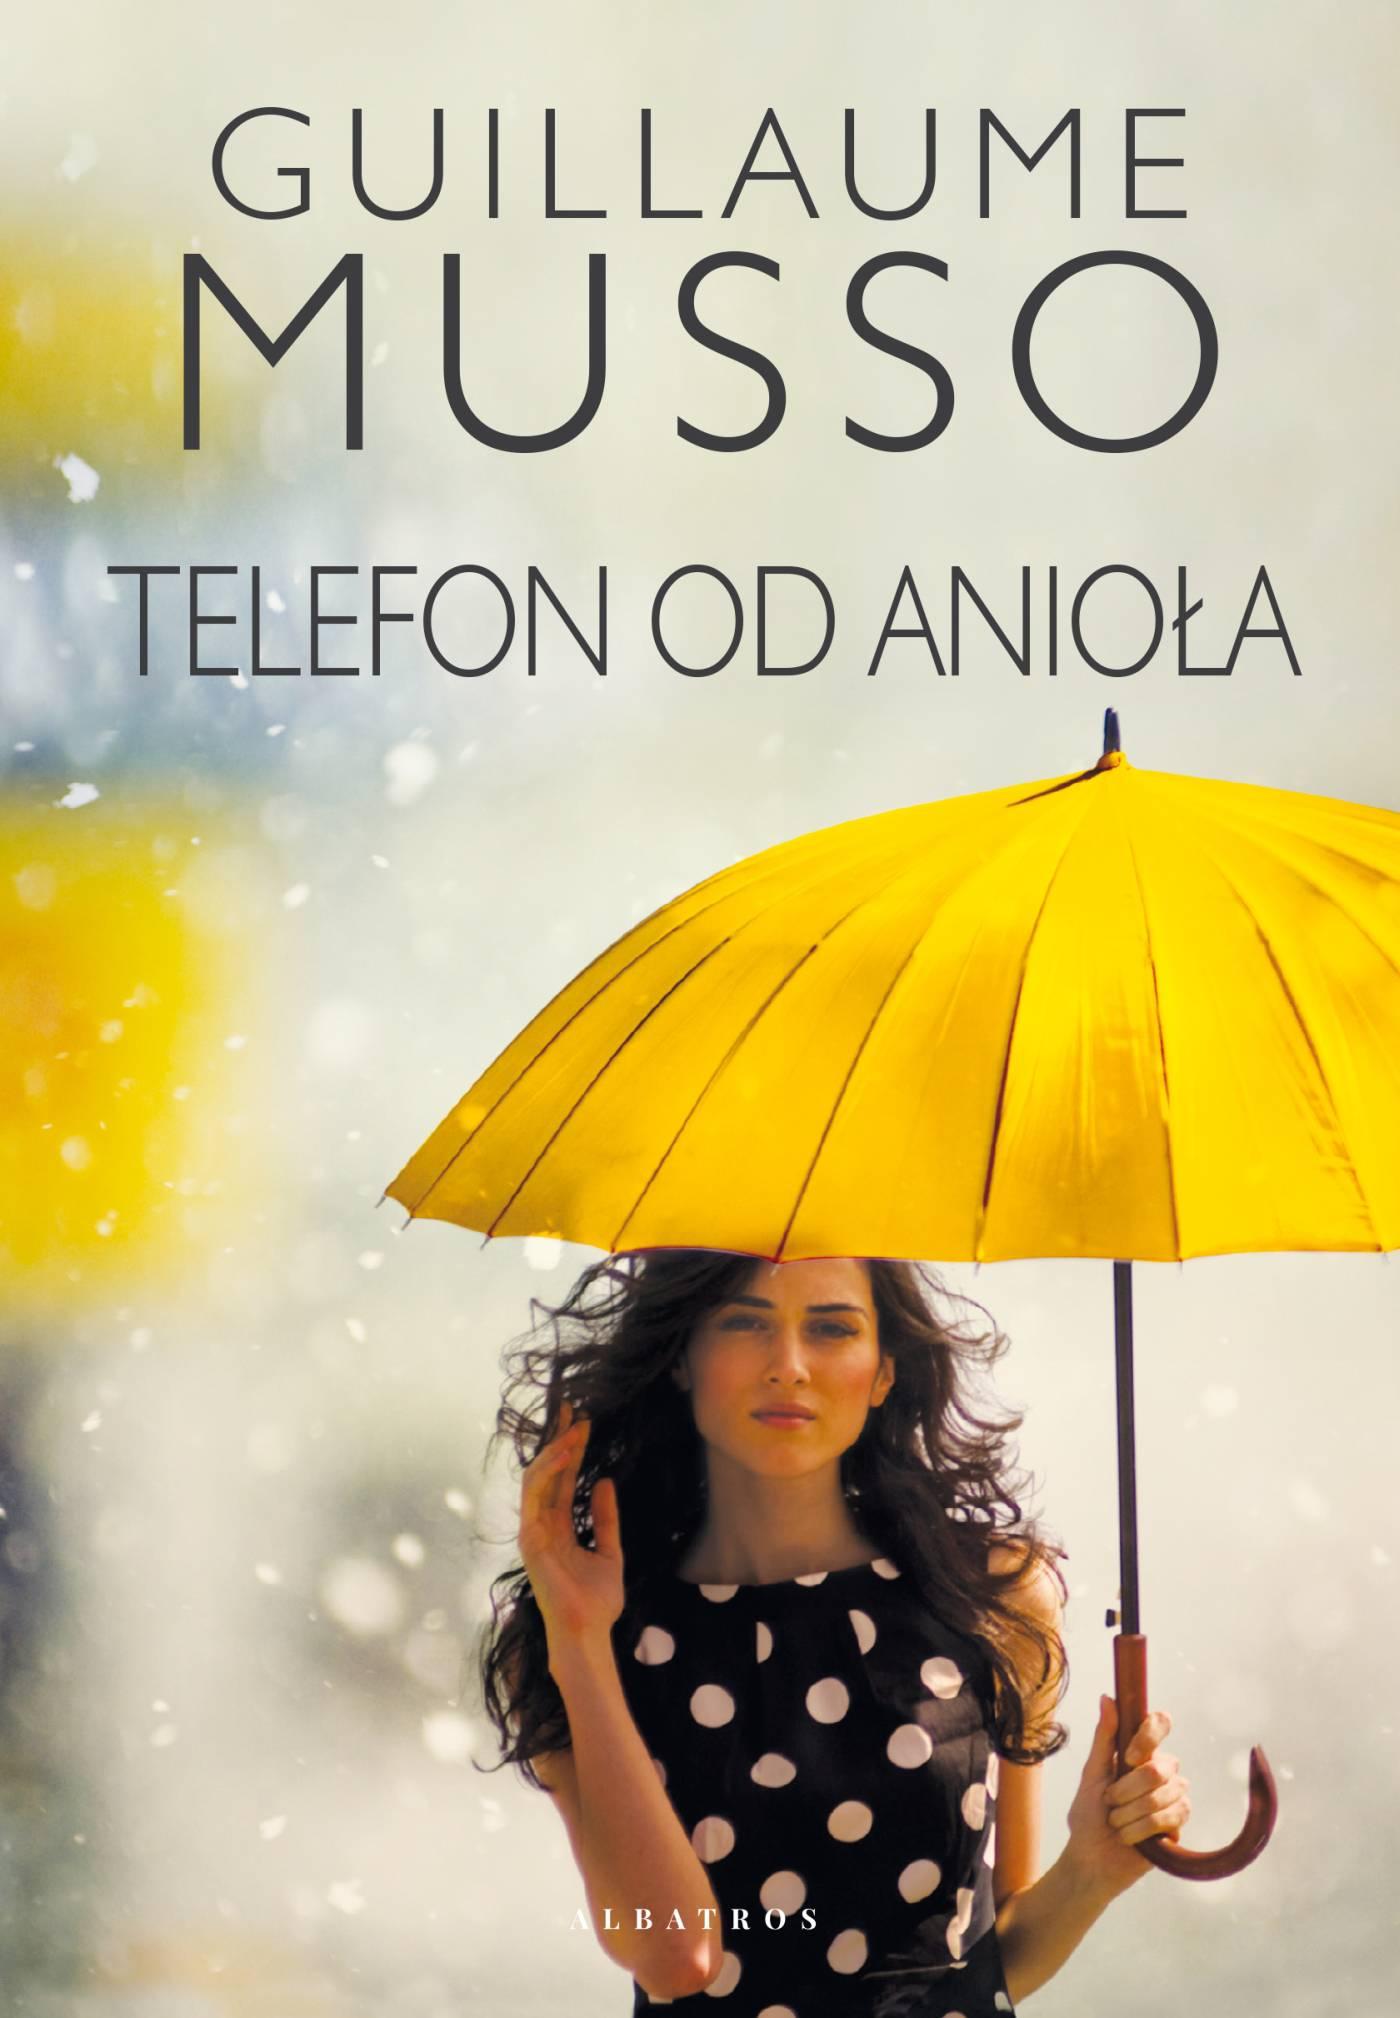 Telefon od anioła - Ebook (Książka EPUB) do pobrania w formacie EPUB